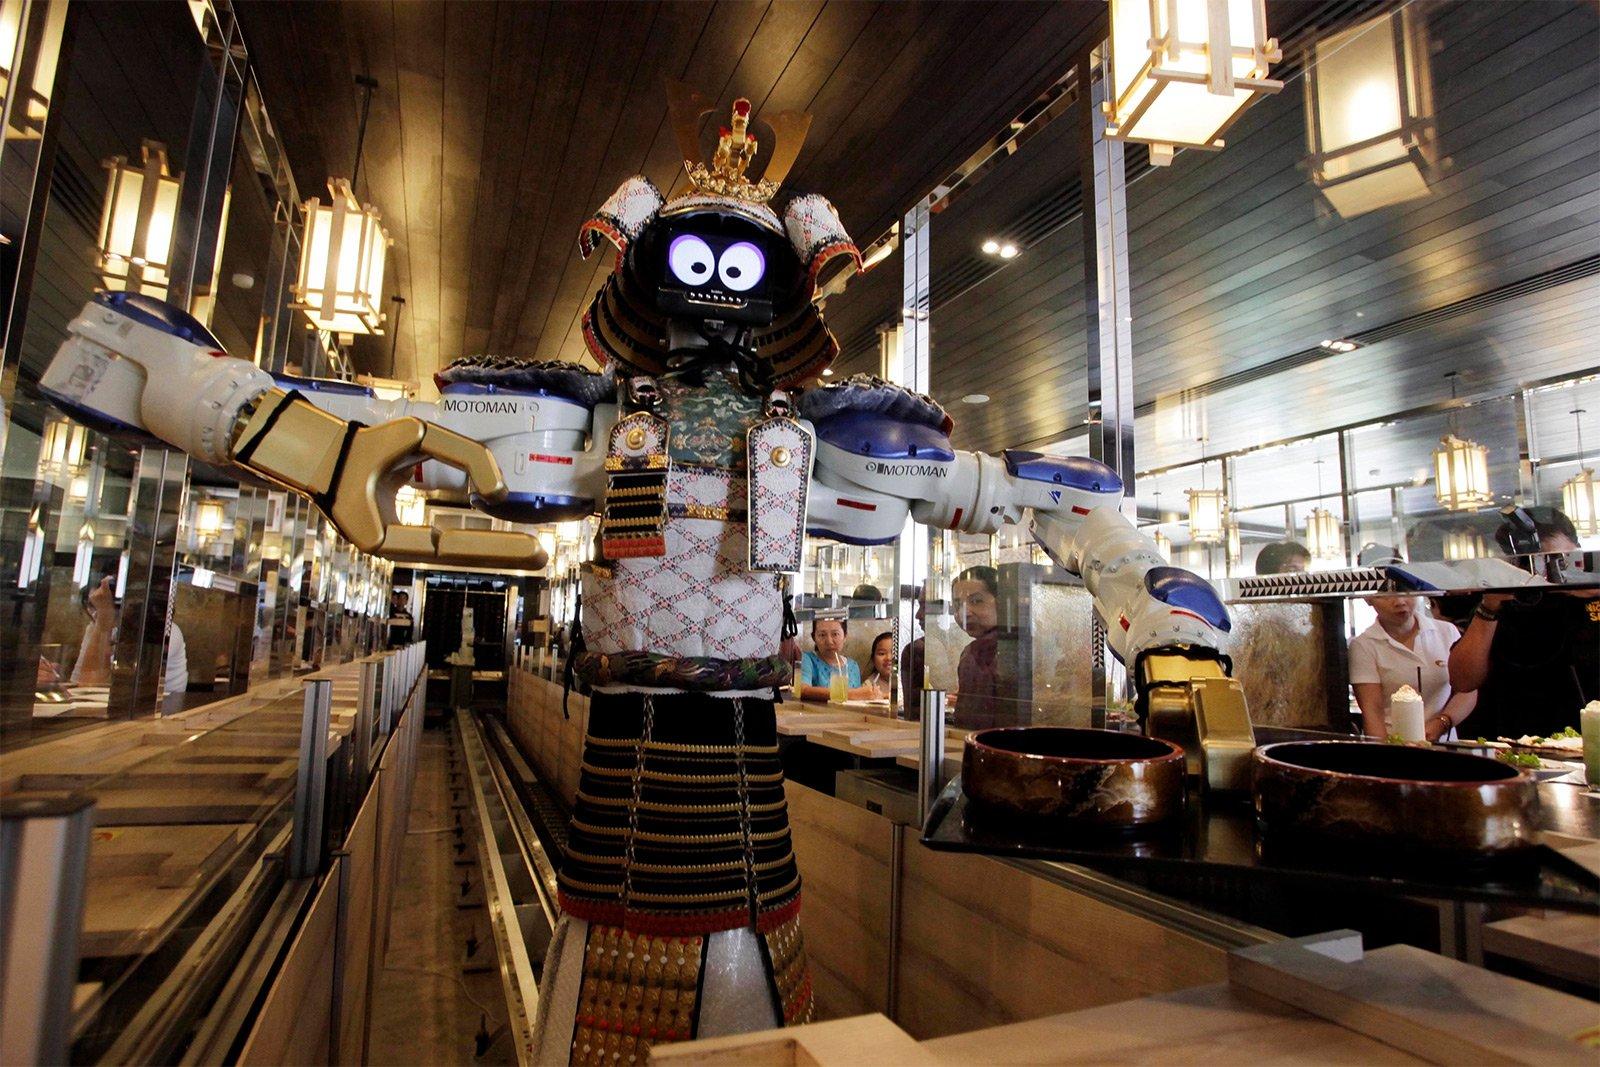 «Приятного аппетита, землянин». Рестораны, где вас накормят роботы - 1